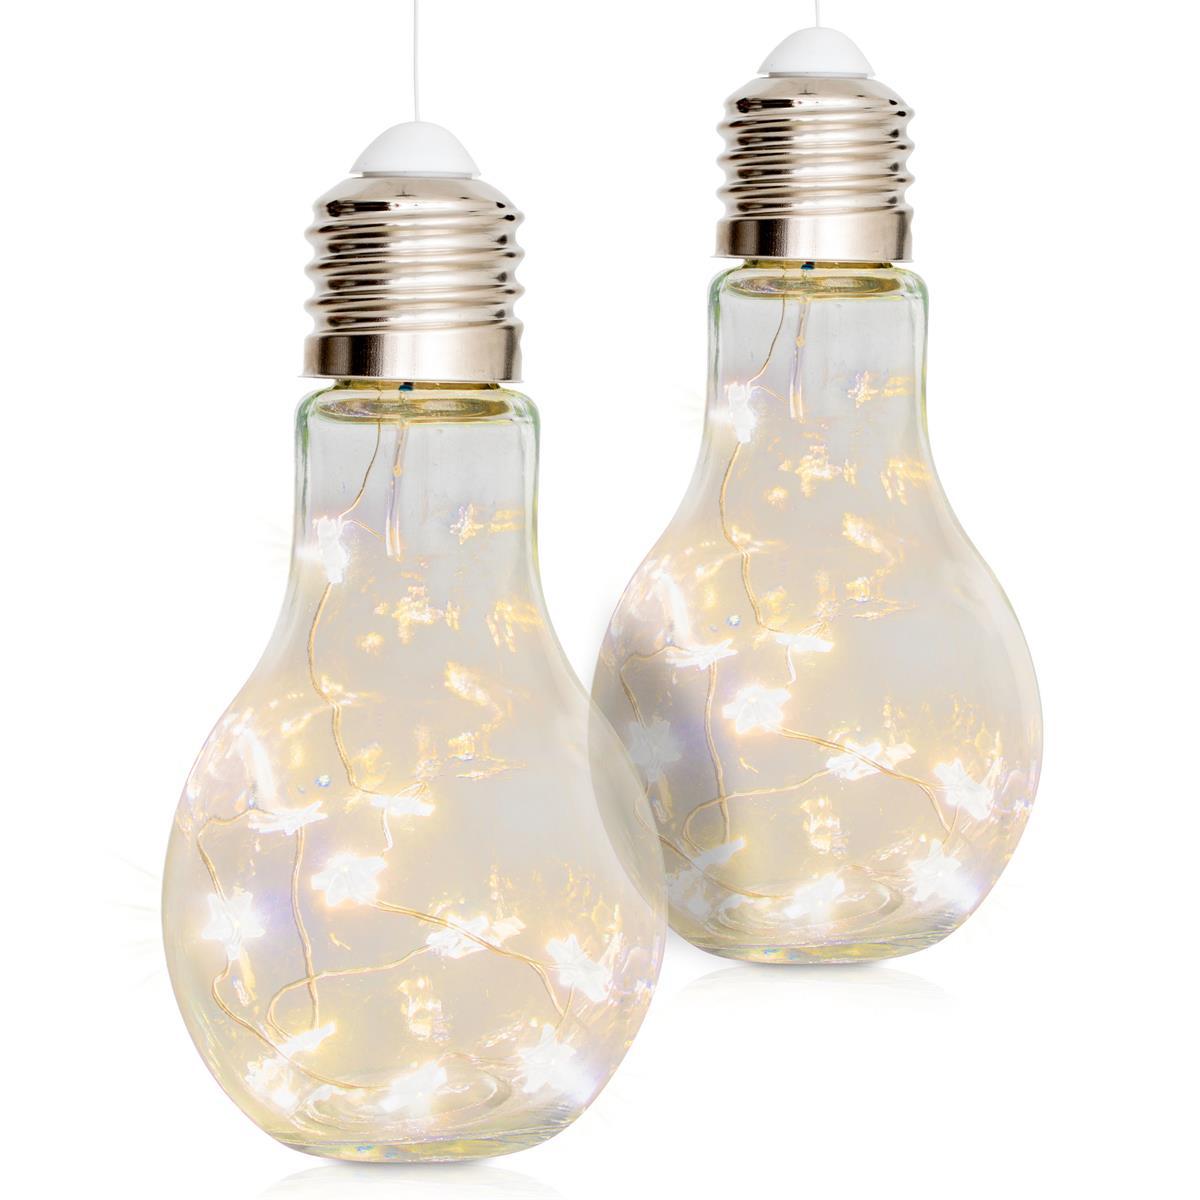 2er Set Glas-Glühbirne 10 LED warm weiß 17 cm hoch Batterie Wohndeko Partydeko